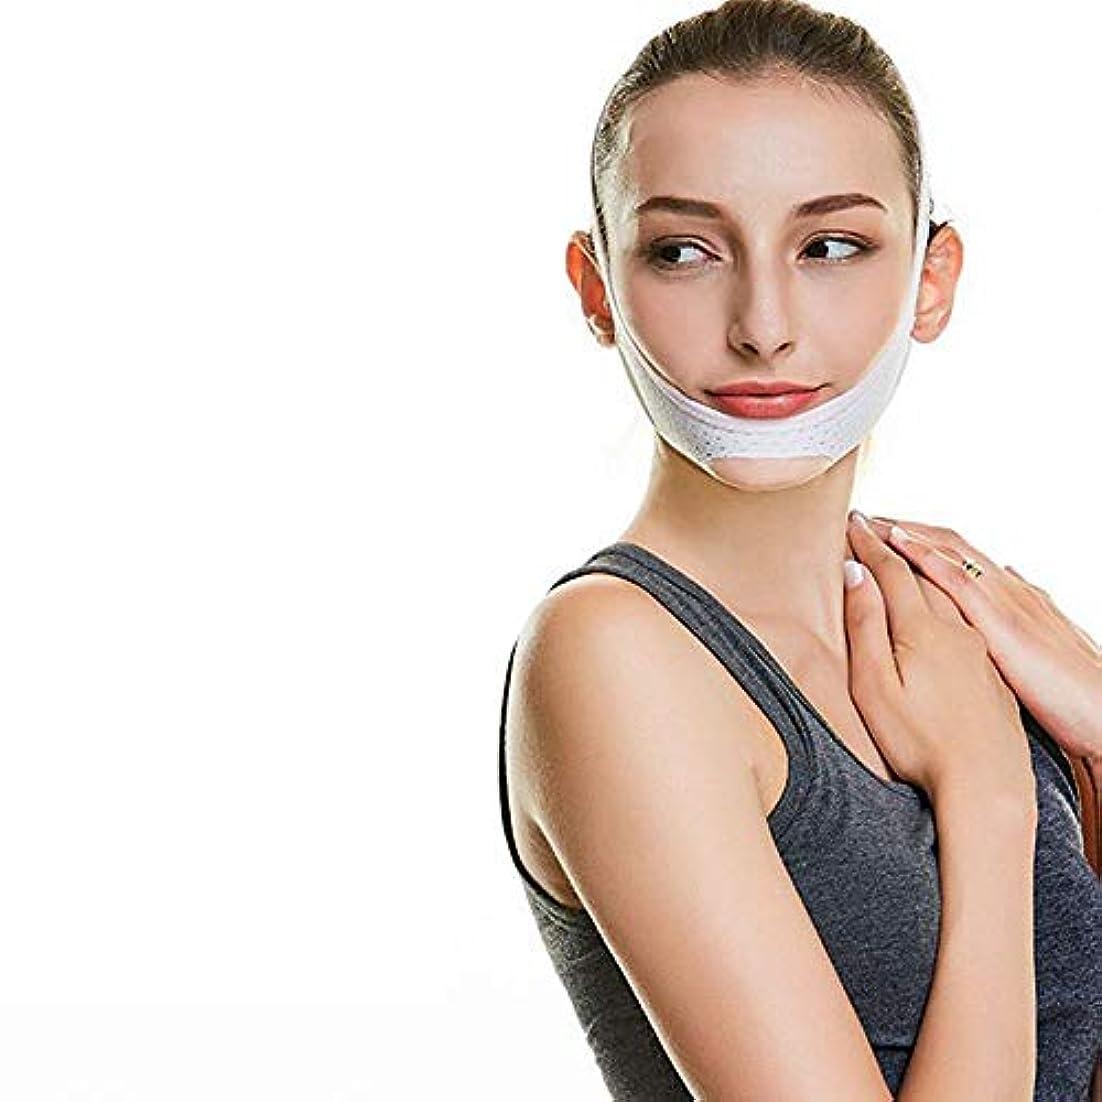 エンコミウム雇った指Vフェイスライン包帯、顎ほぐれ防止防シワマスク極薄ベルト/ダブルチンフェイスタイプアライナ(ホワイト)